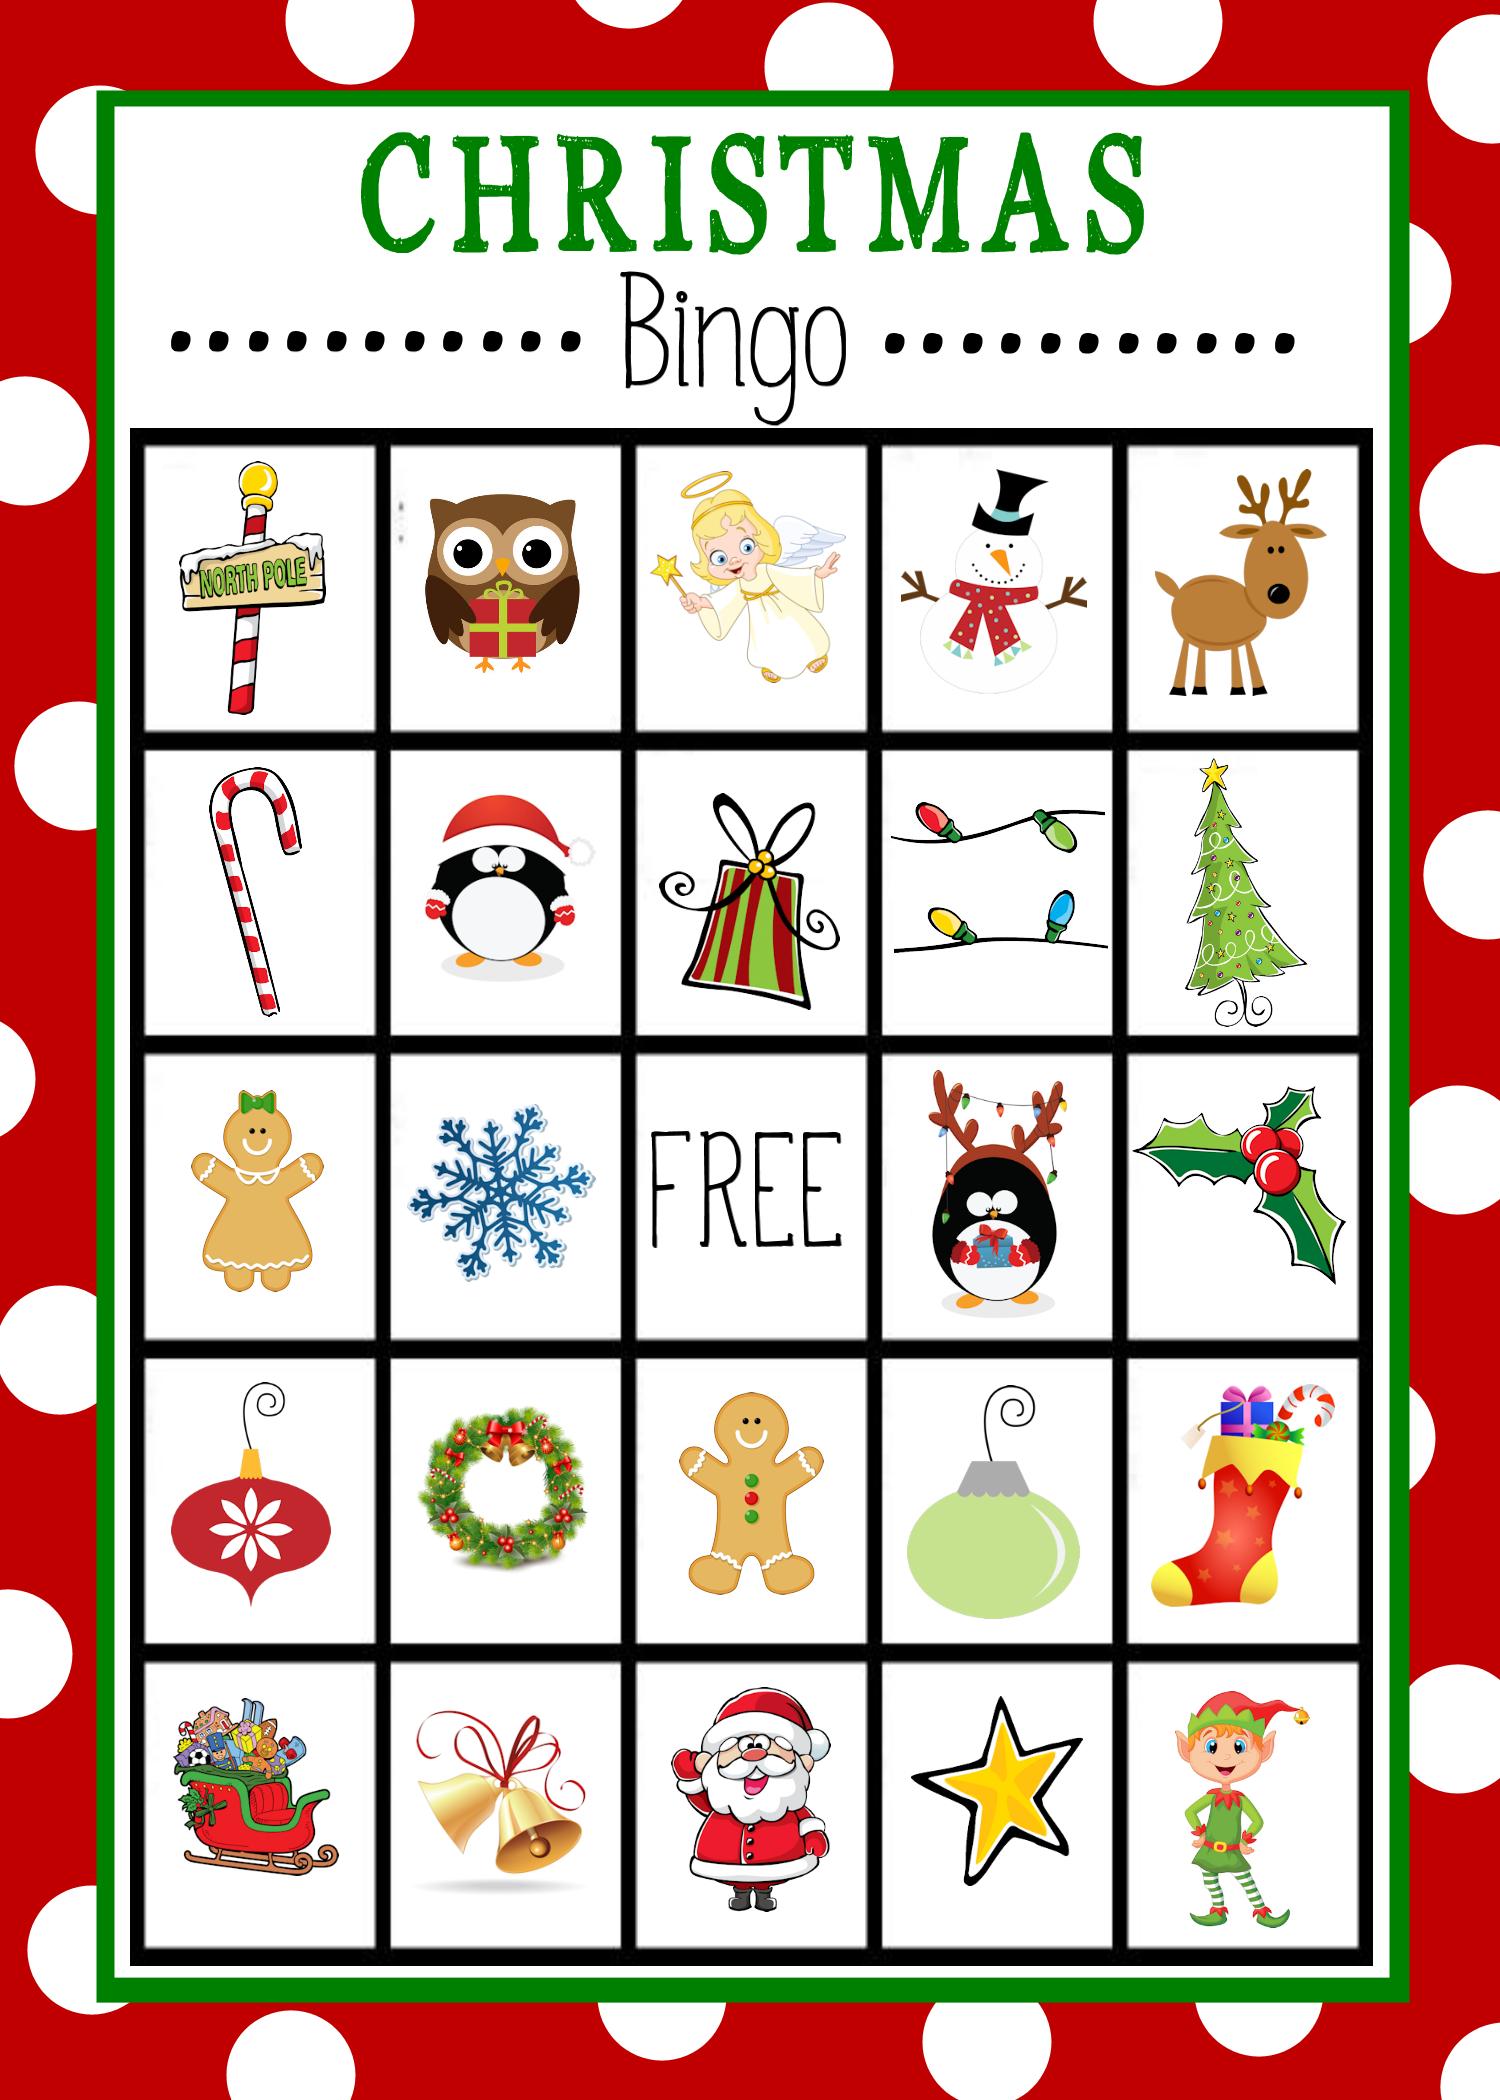 Free Printable Christmas Bingo Game | Christmas | Pinterest - Free Christmas Bingo Game Printable